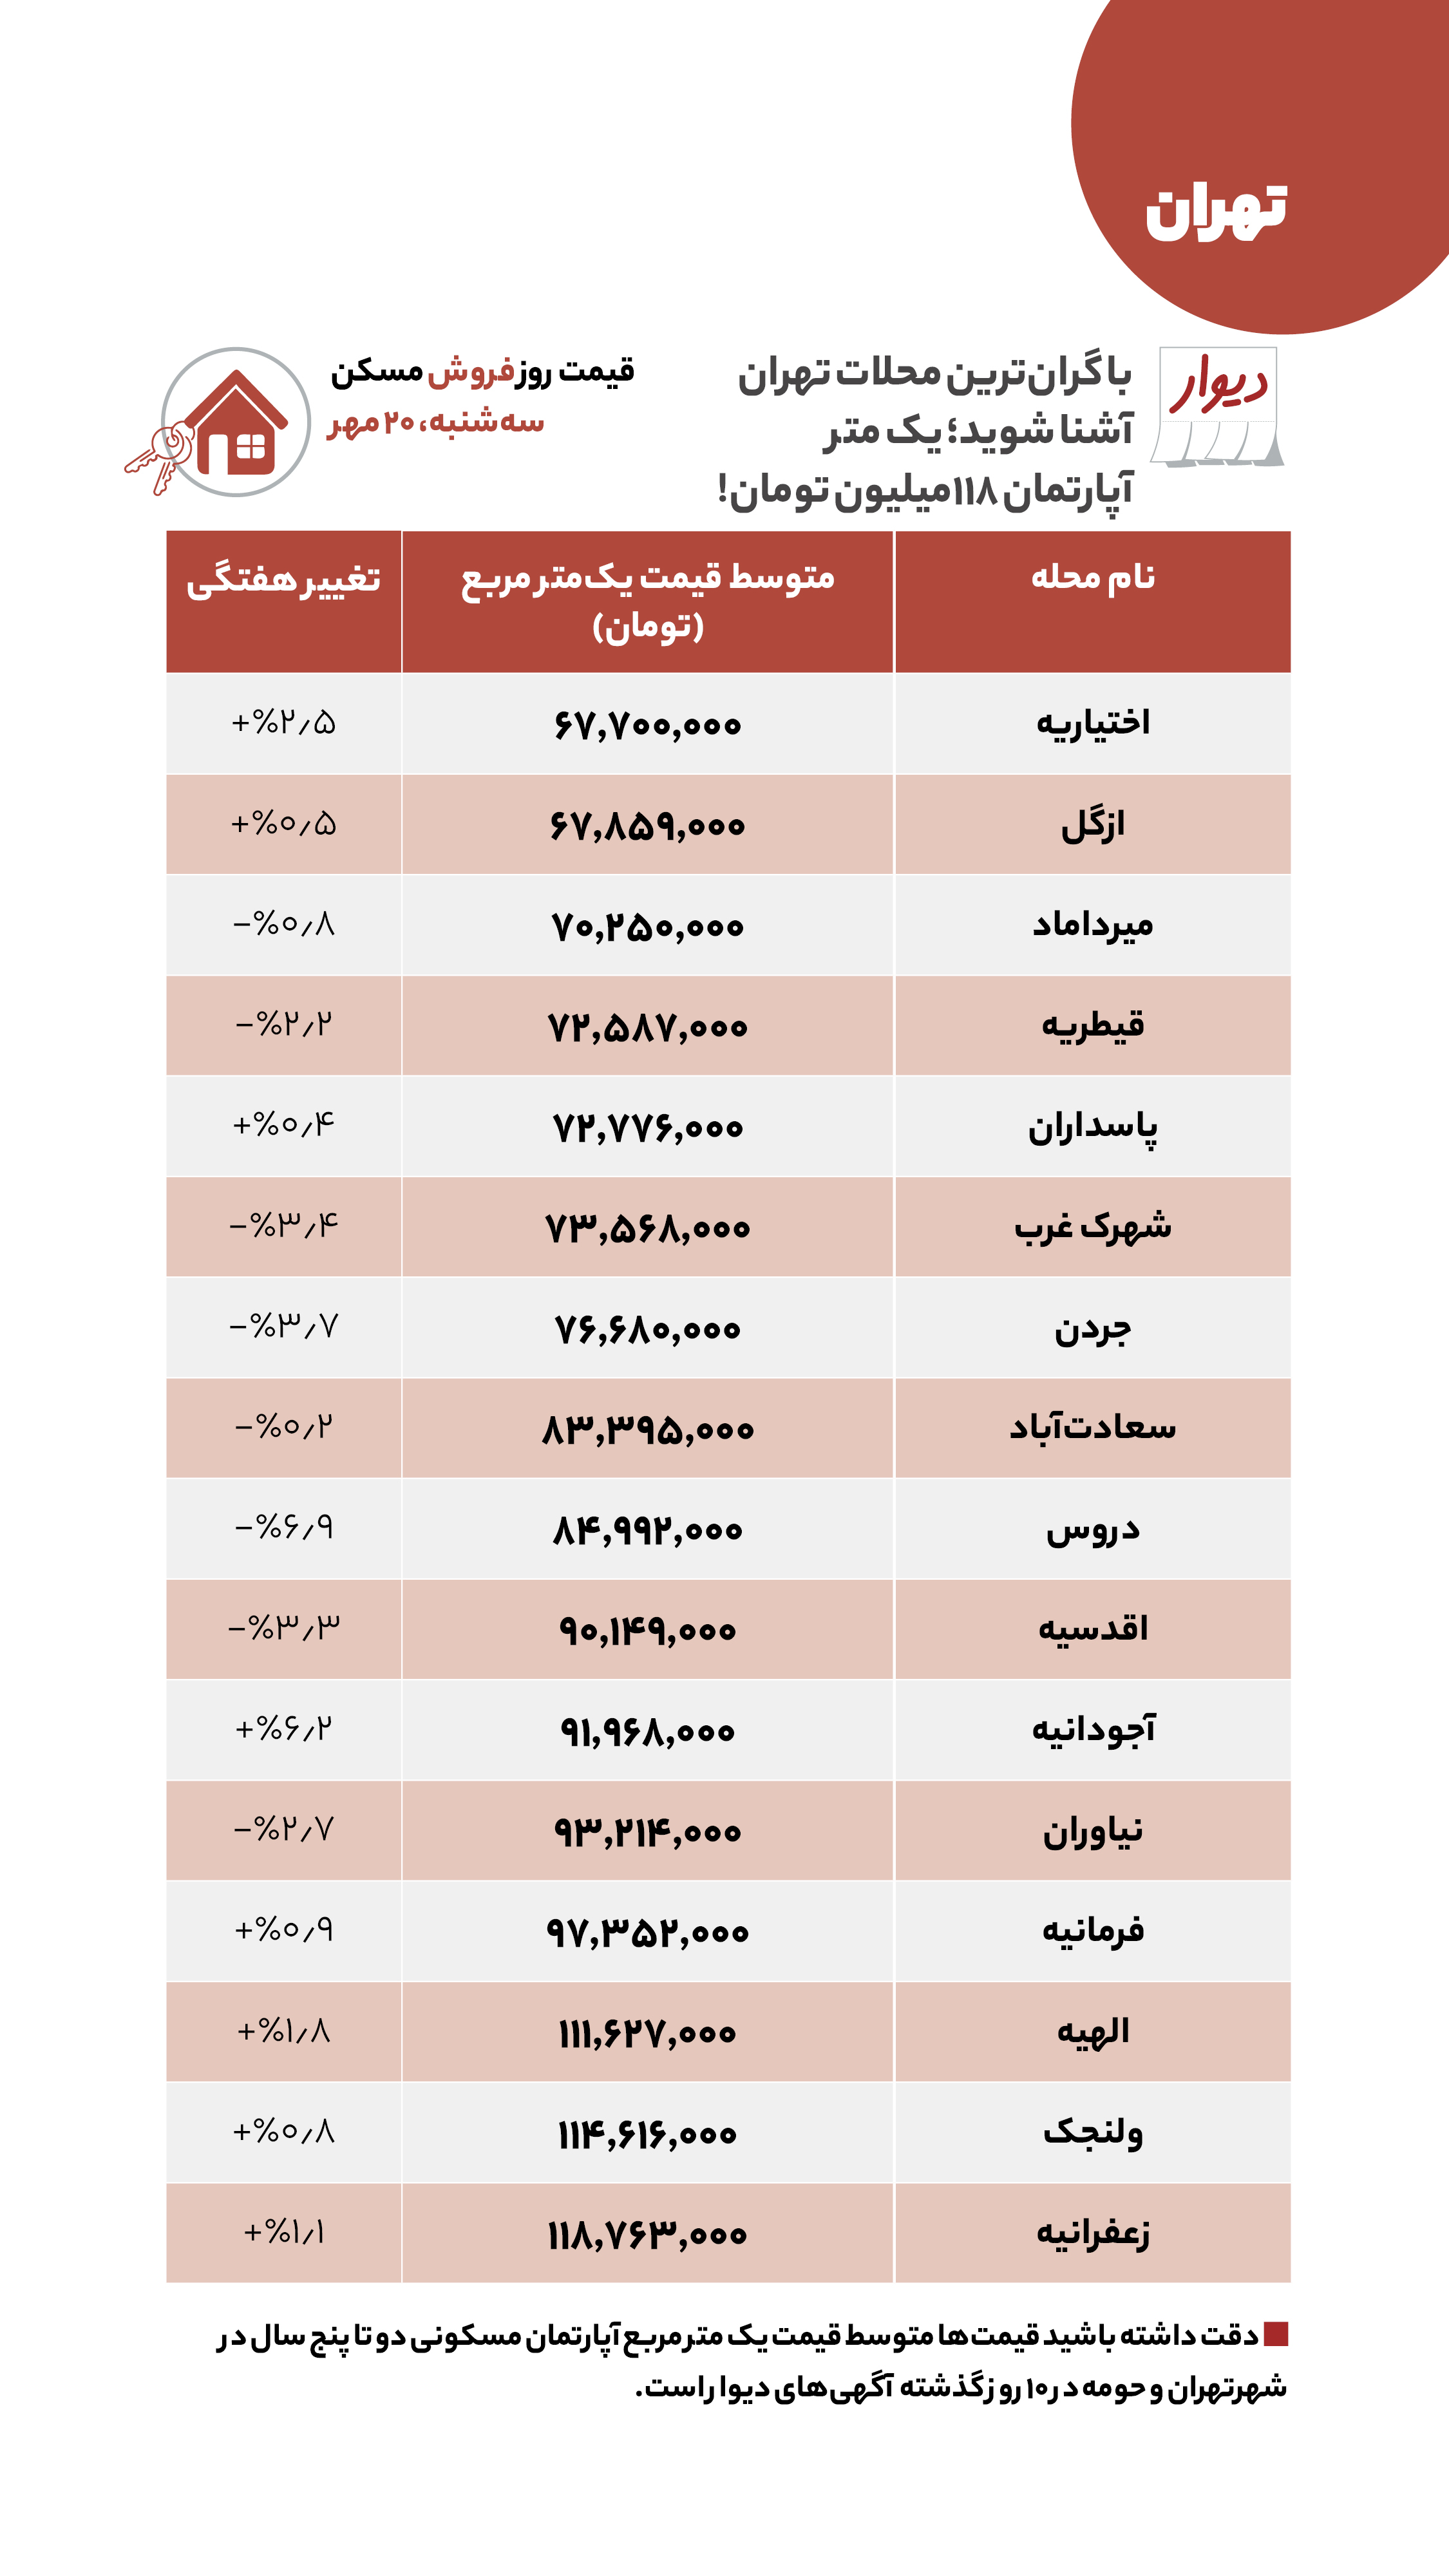 مظنه خرید هر متر مربع آپارتمان مسکونی در شمال پایتخت + جدول